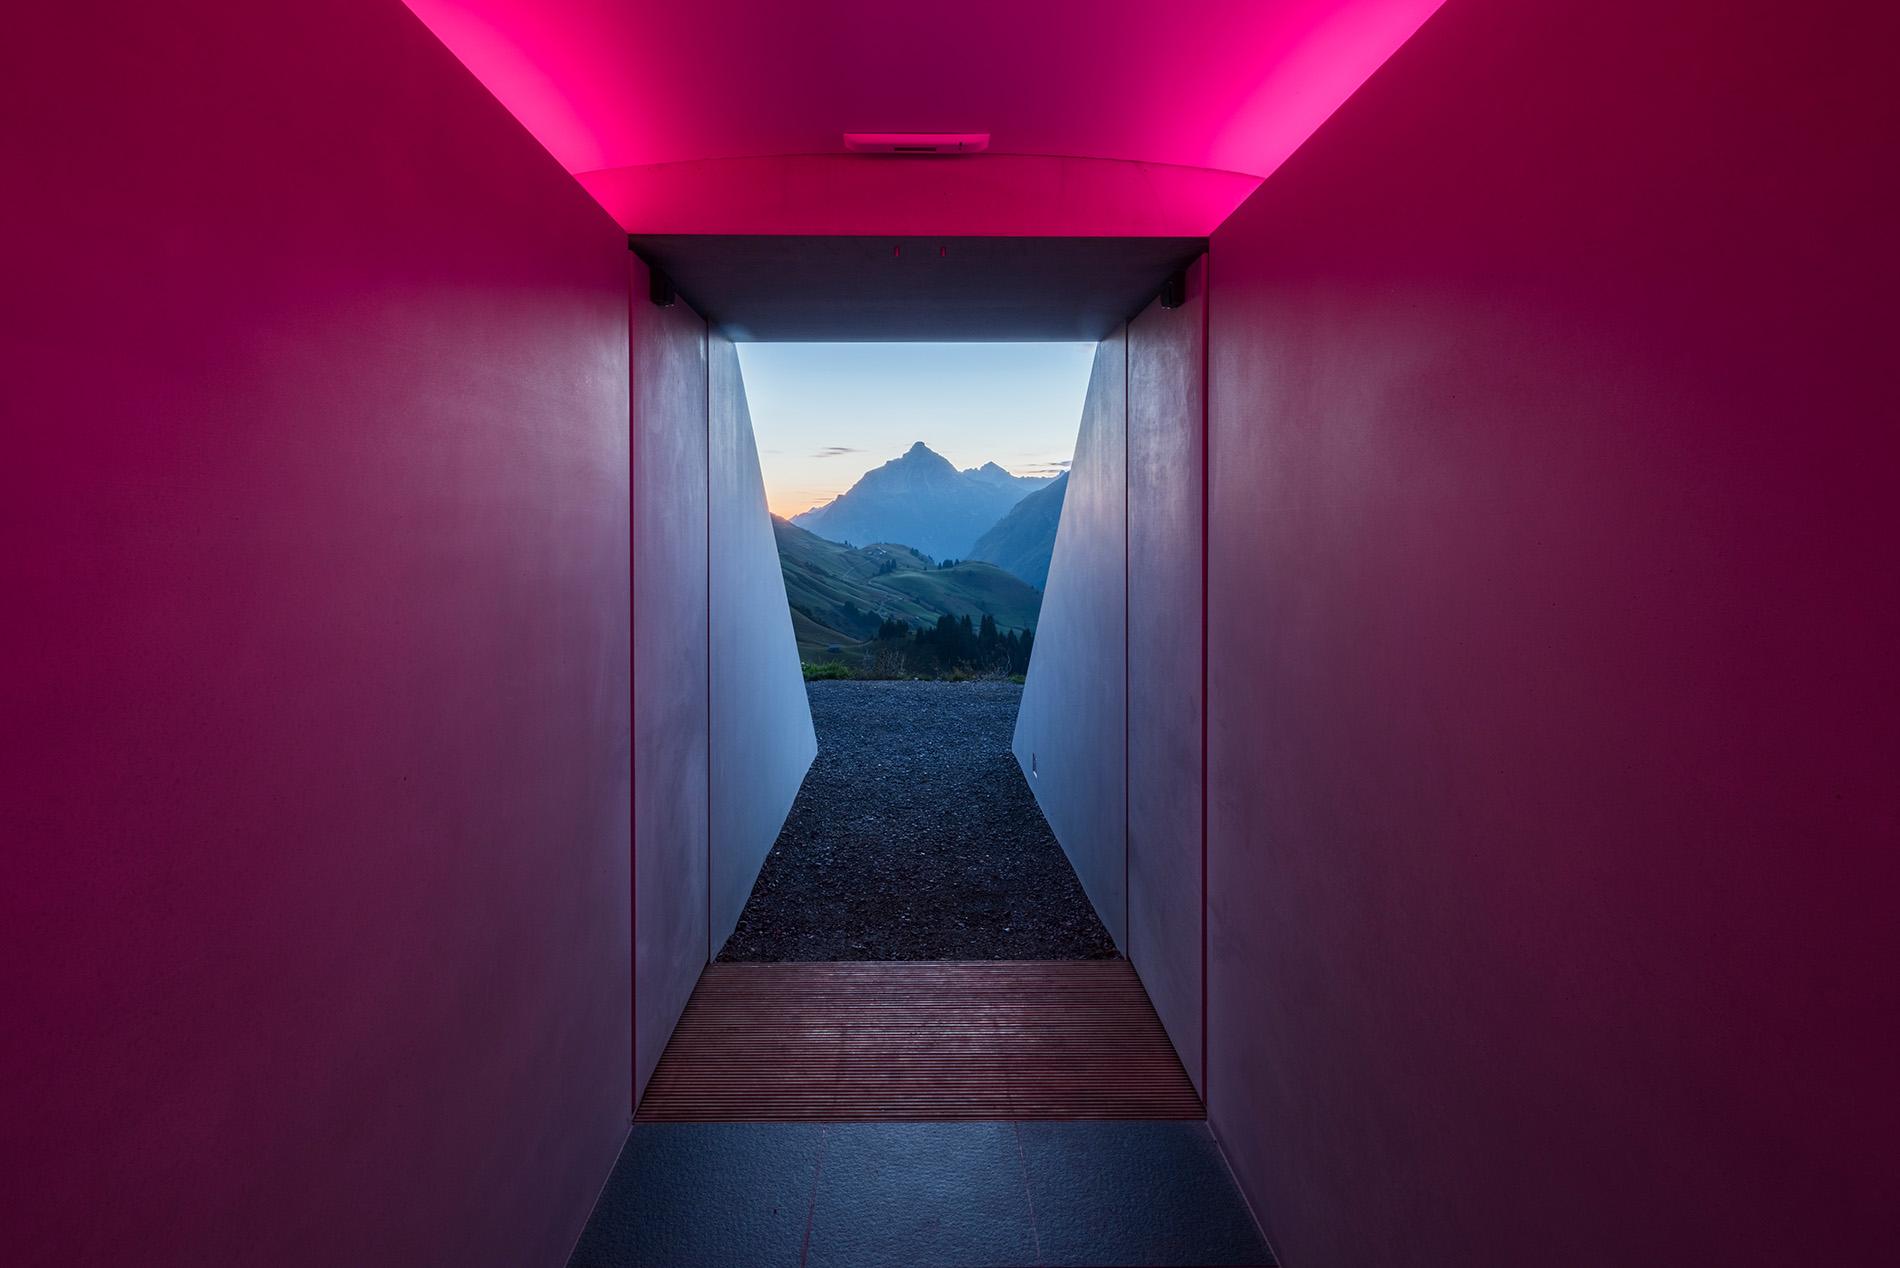 Durch einen unterirdischen Tunnel, welcher auf den Biberkopf-Gipfel ausgerichtet ist, gelangen die Besucher*innen in den Skyspace in Lech von James Turrell. Foto: Florian Holzherr